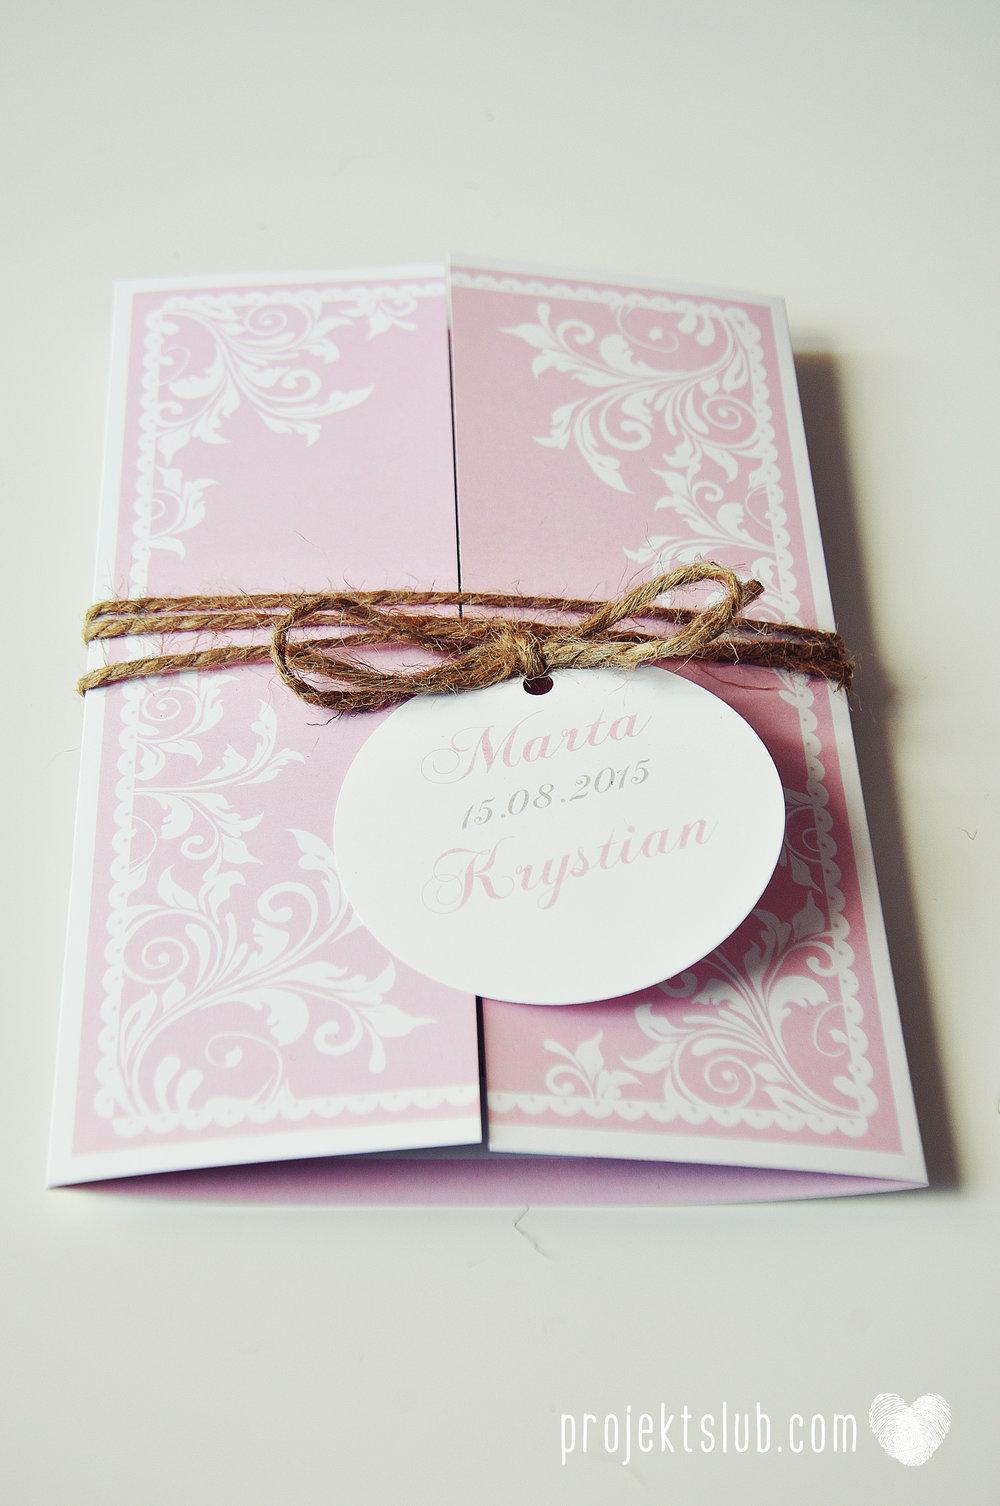 Zaproszenie ślubne oryginalne eleganckie duży format ołtarzykowe floral love rustykalne pastelove Projekt Ślub (1).jpg